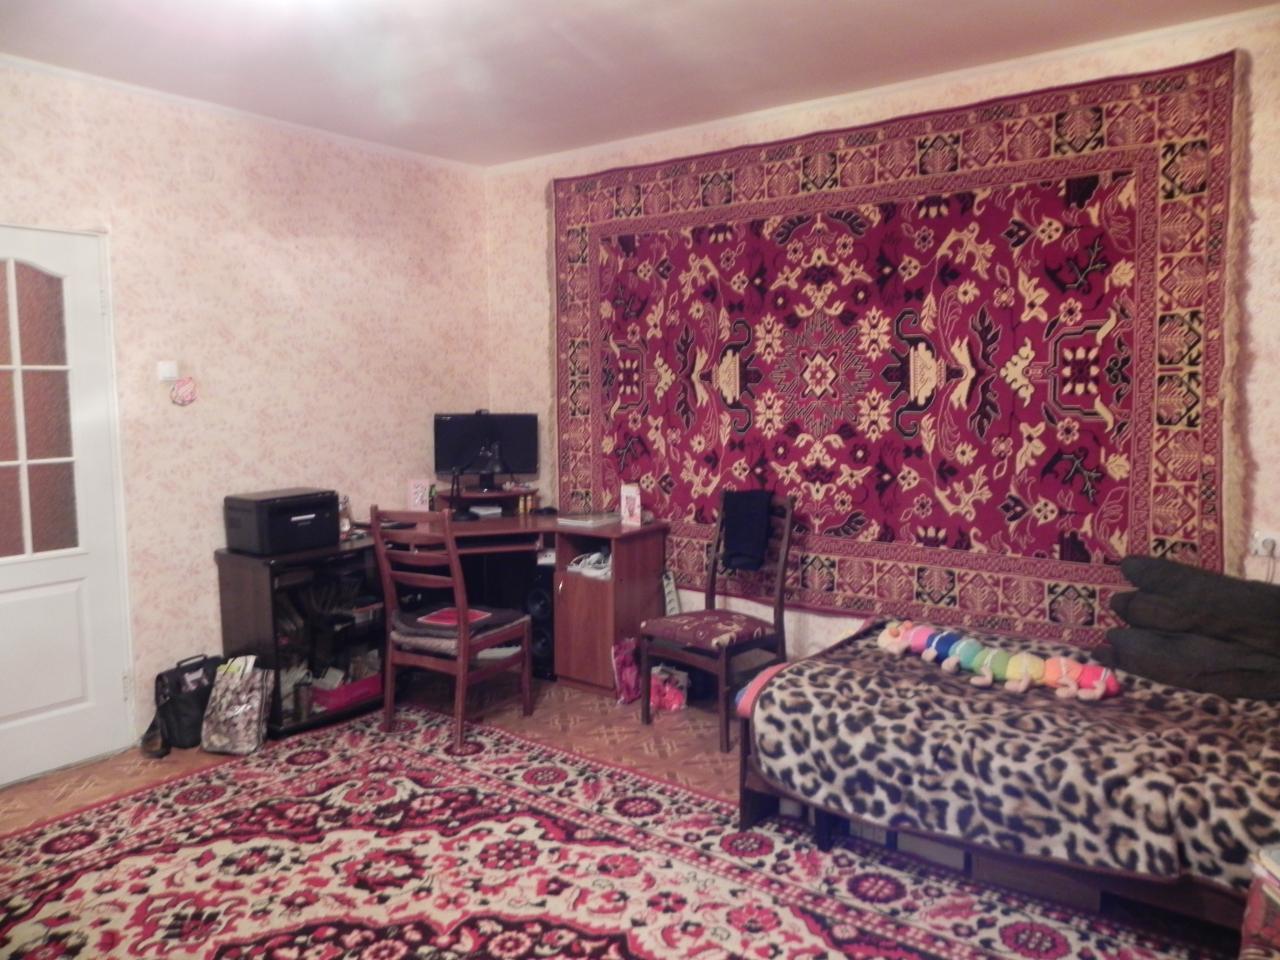 Фото 2 - Продам квартиру Харьков, Роганская ул.